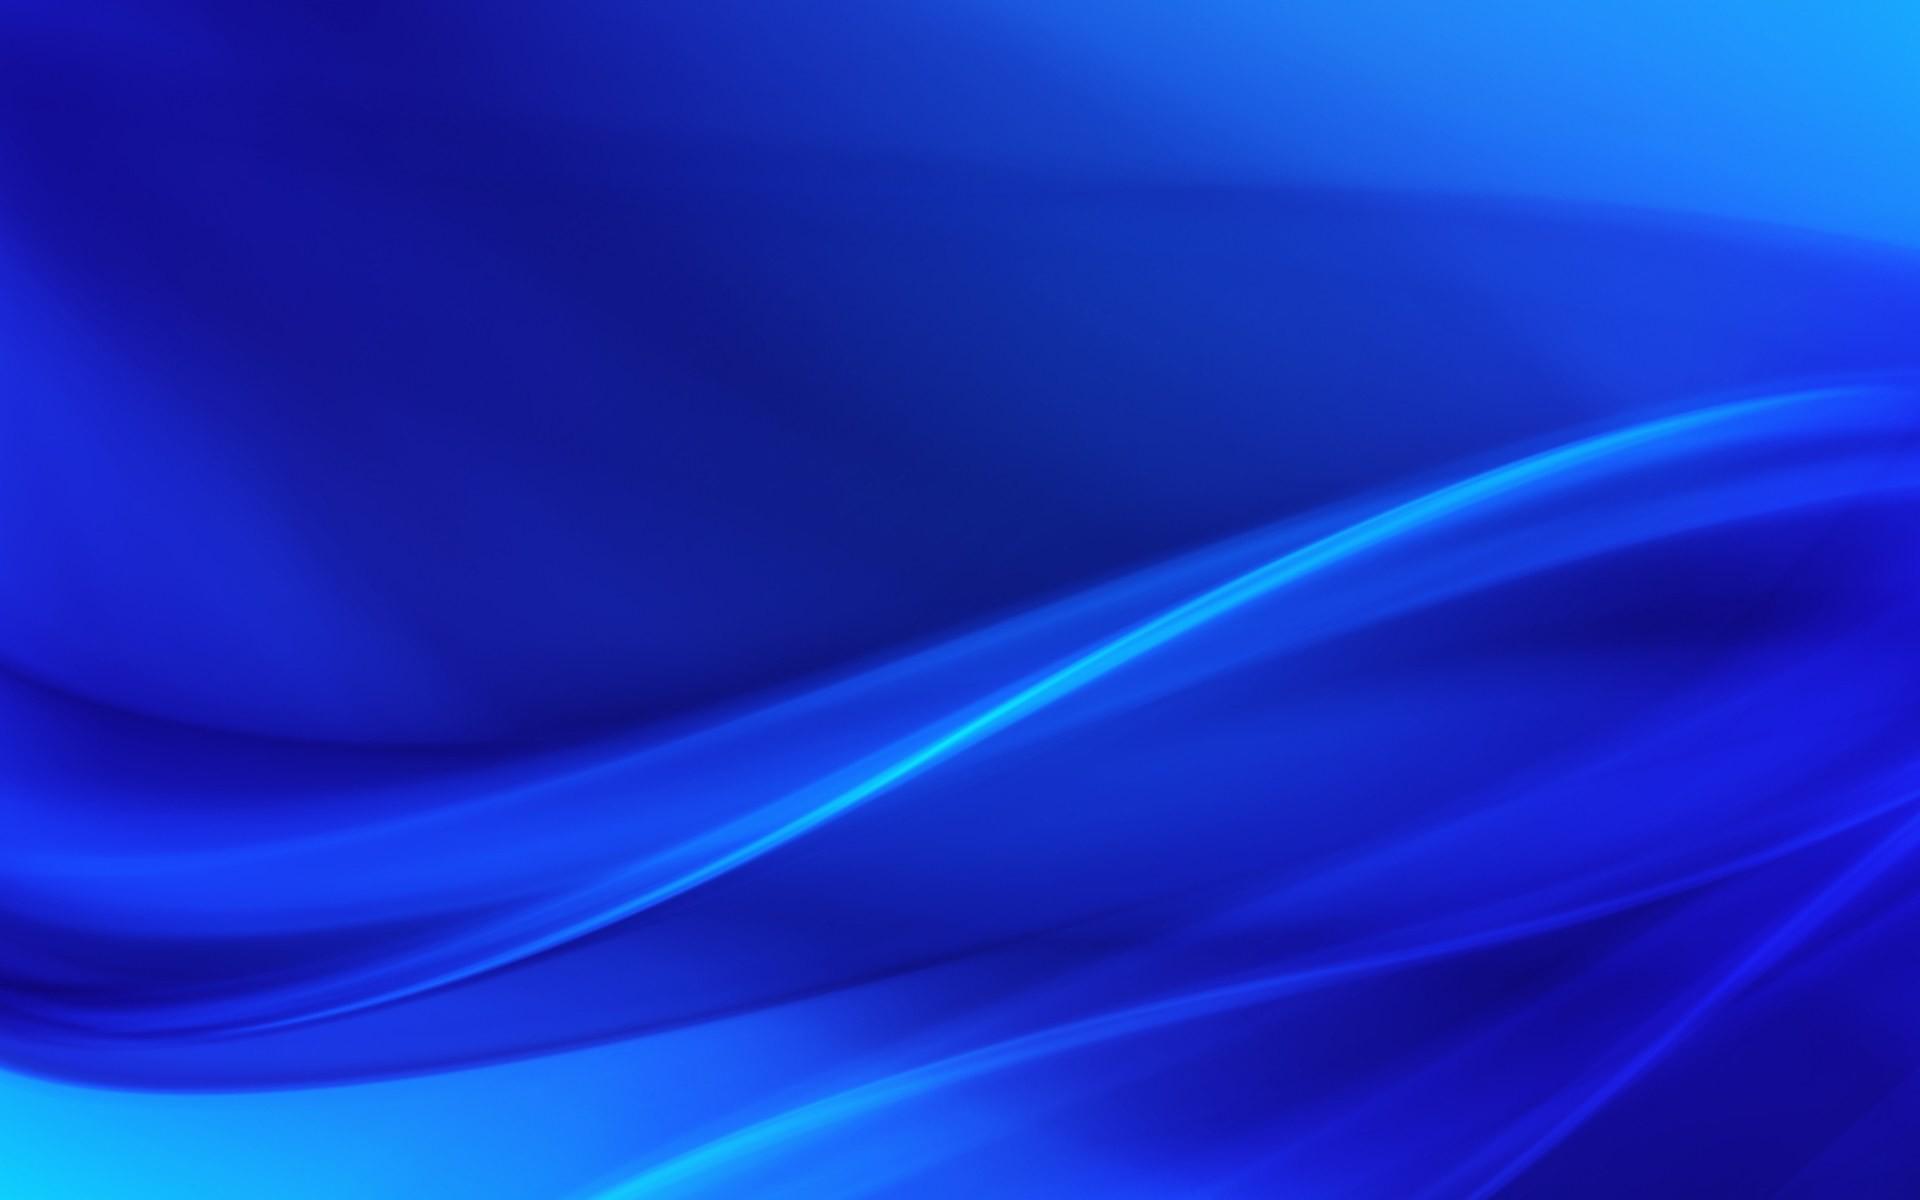 Blue Color Background Wallpaper (66+ images)